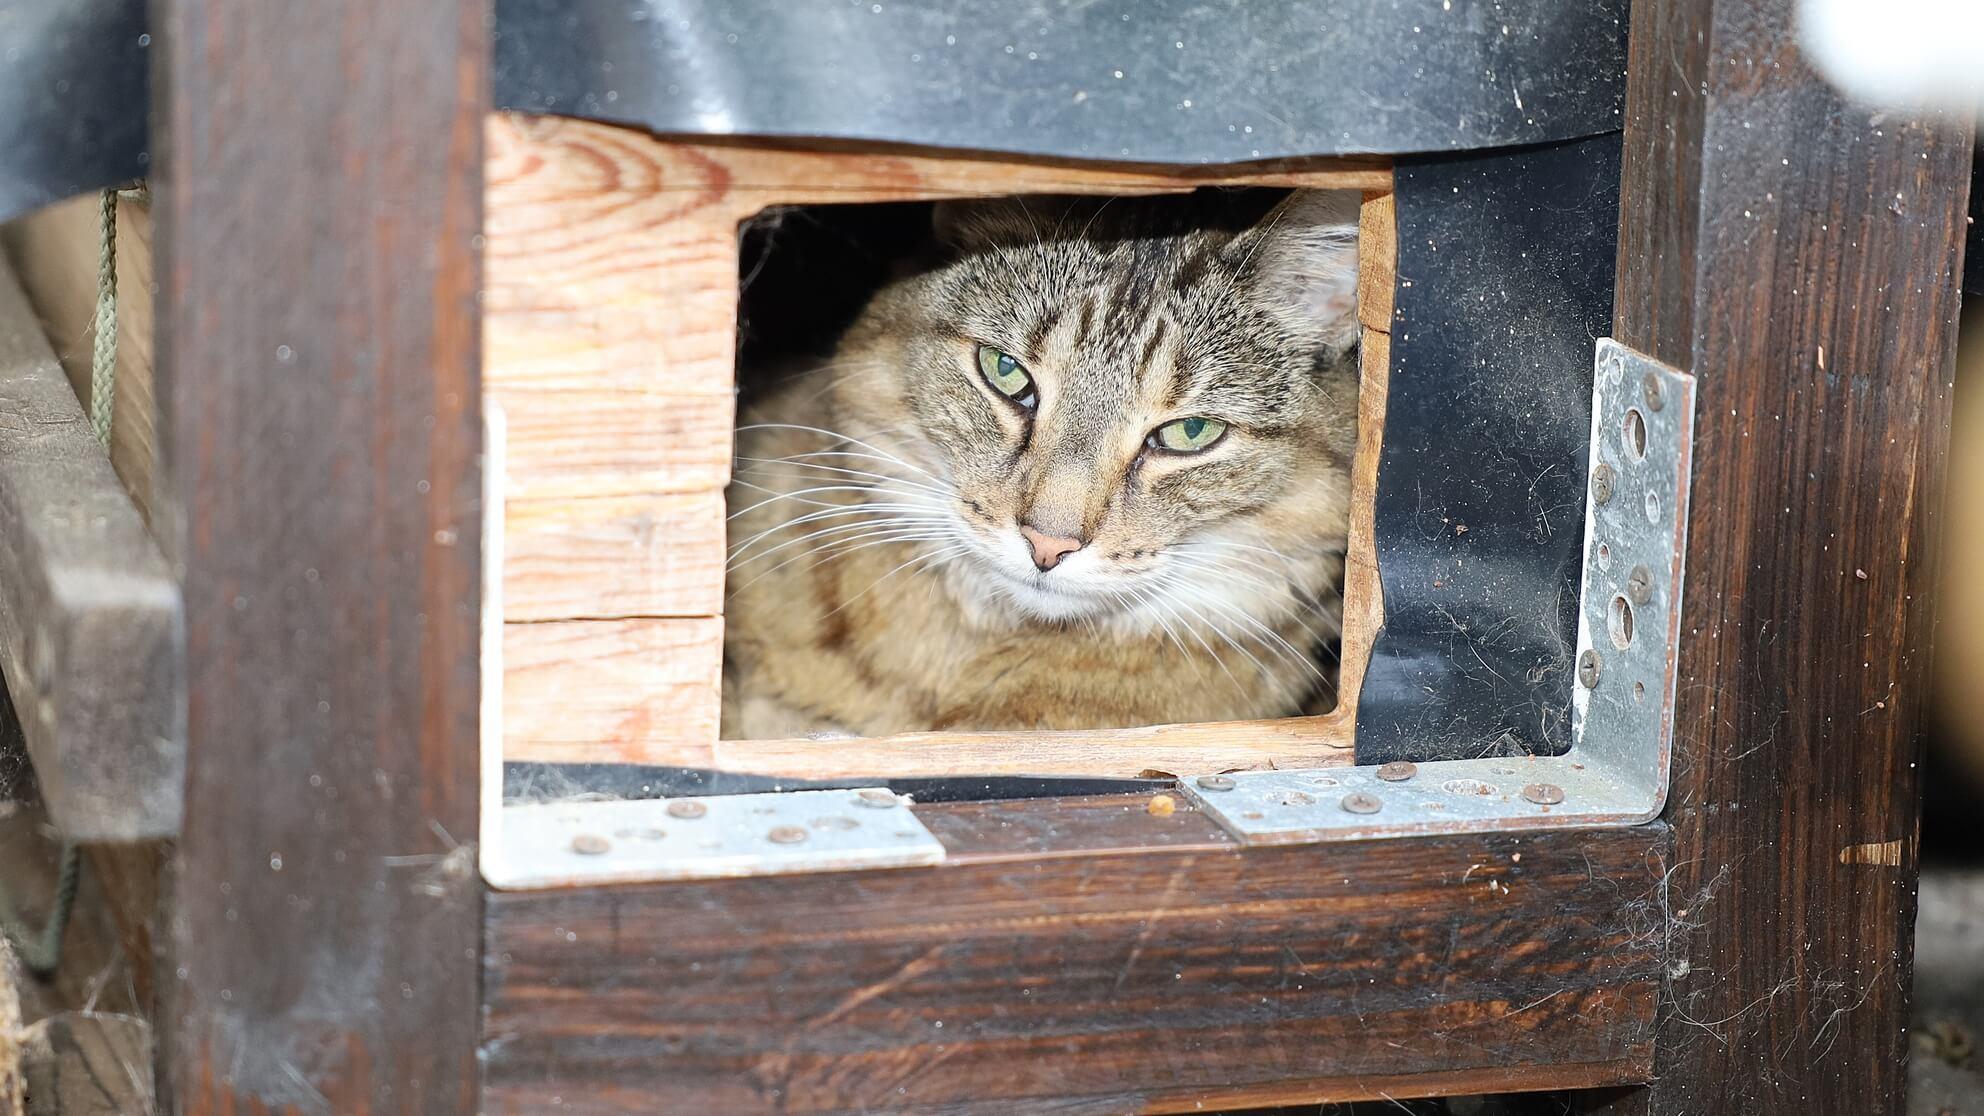 Kranke Katze im Katzenbunker auf dem Katzenbalkon – geht es ihr gut, kann sie noch alt werden